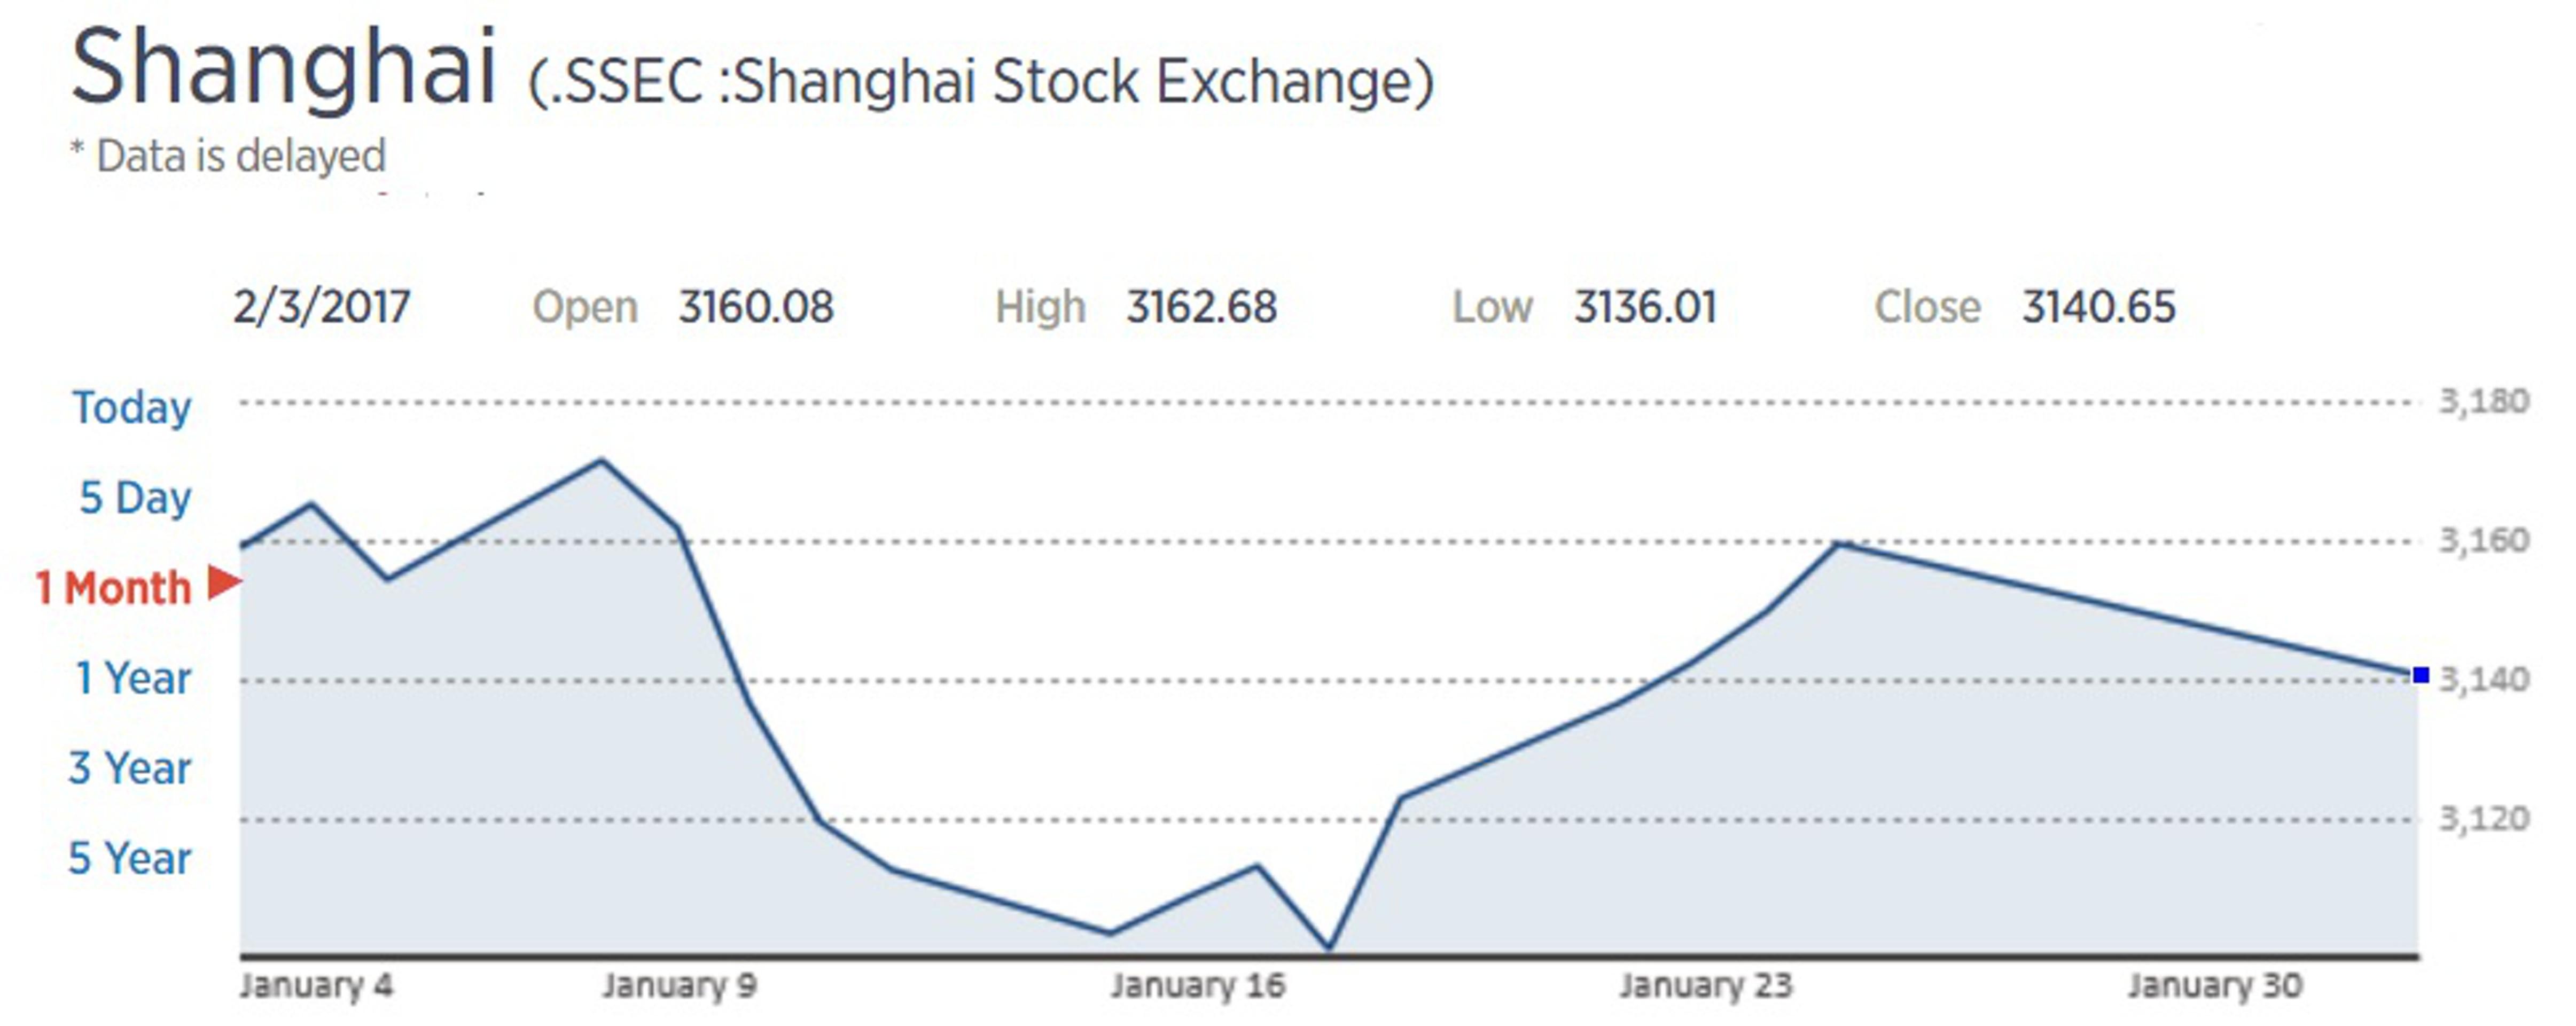 Праздники в Китае закончились: рынки падают